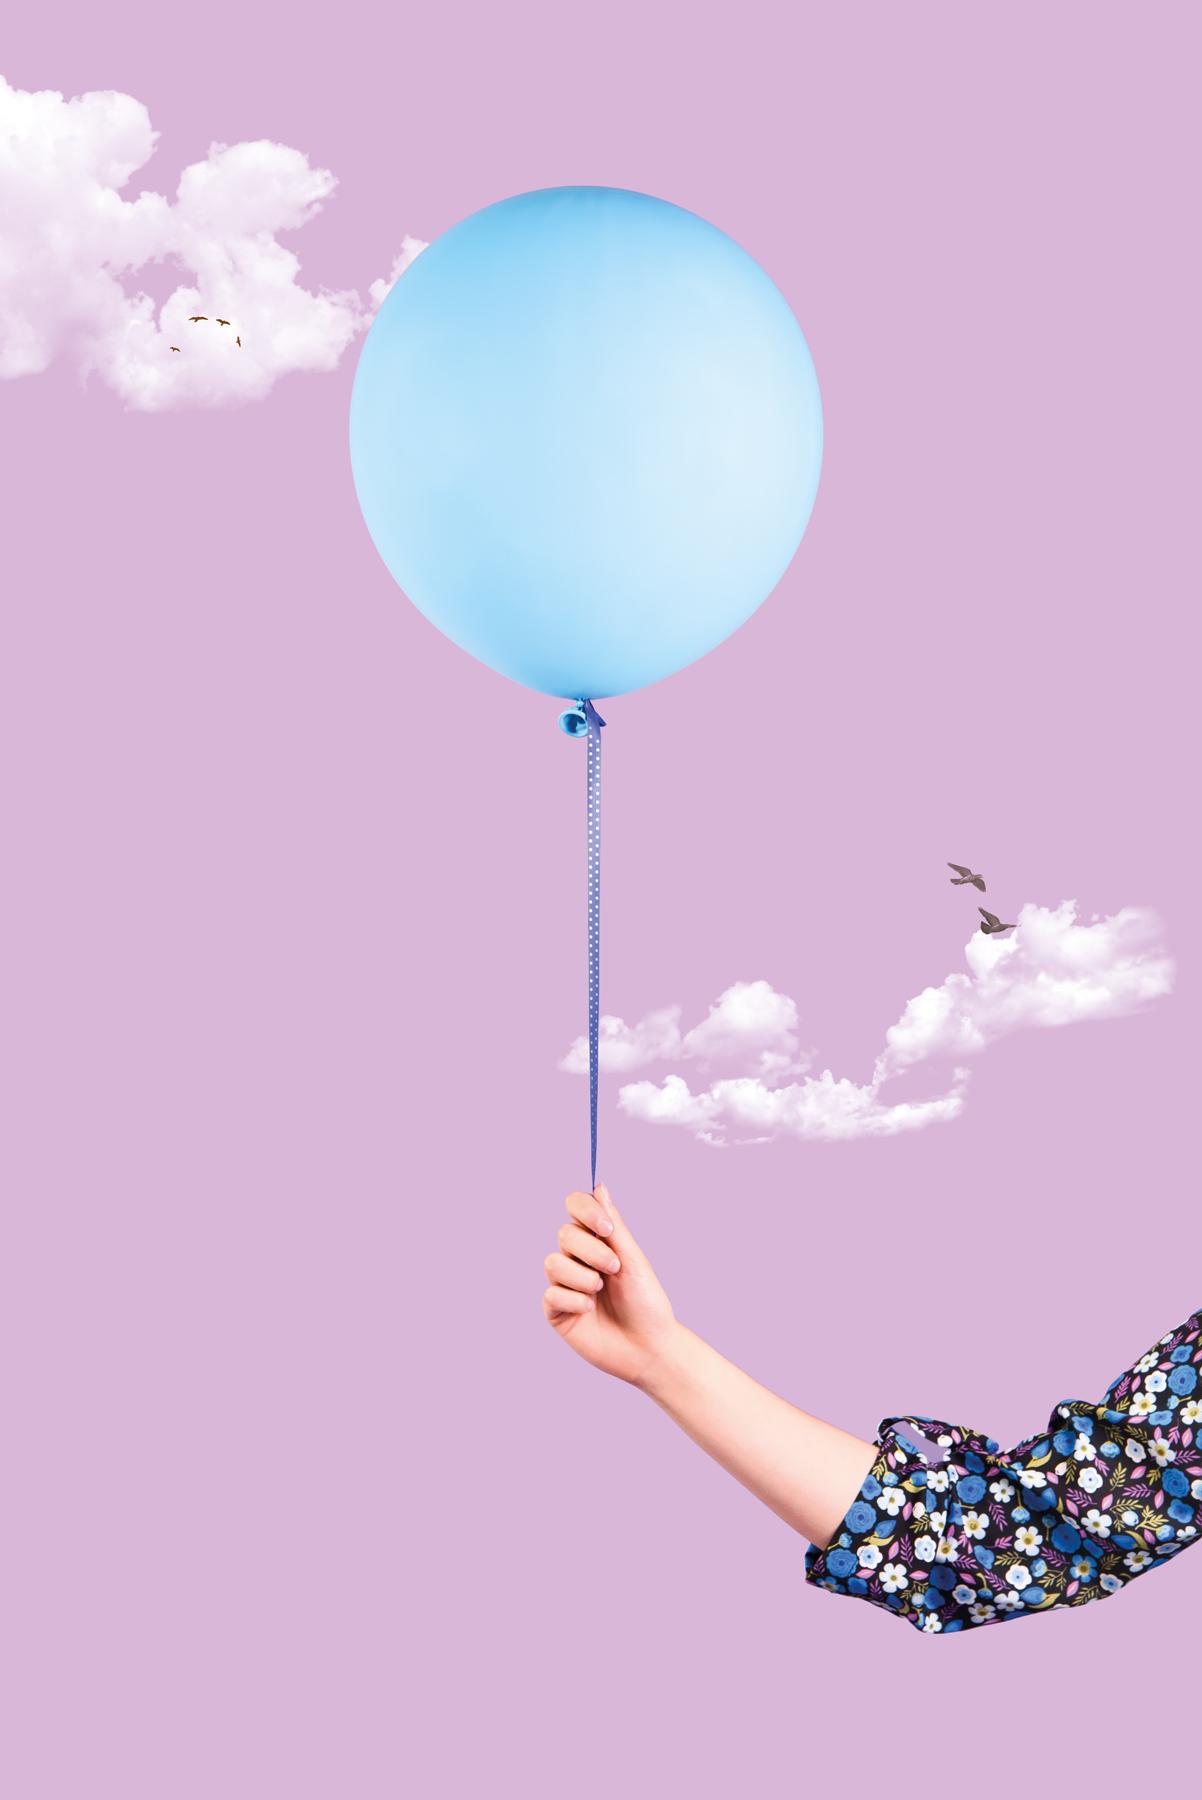 sarah-scaniglia-affiche-mairie-theatre-festival-conflans-sainte-honorine-ballons-colorful-nantes-culture-ouest-publicite-communication-photographe-art-artistes-4